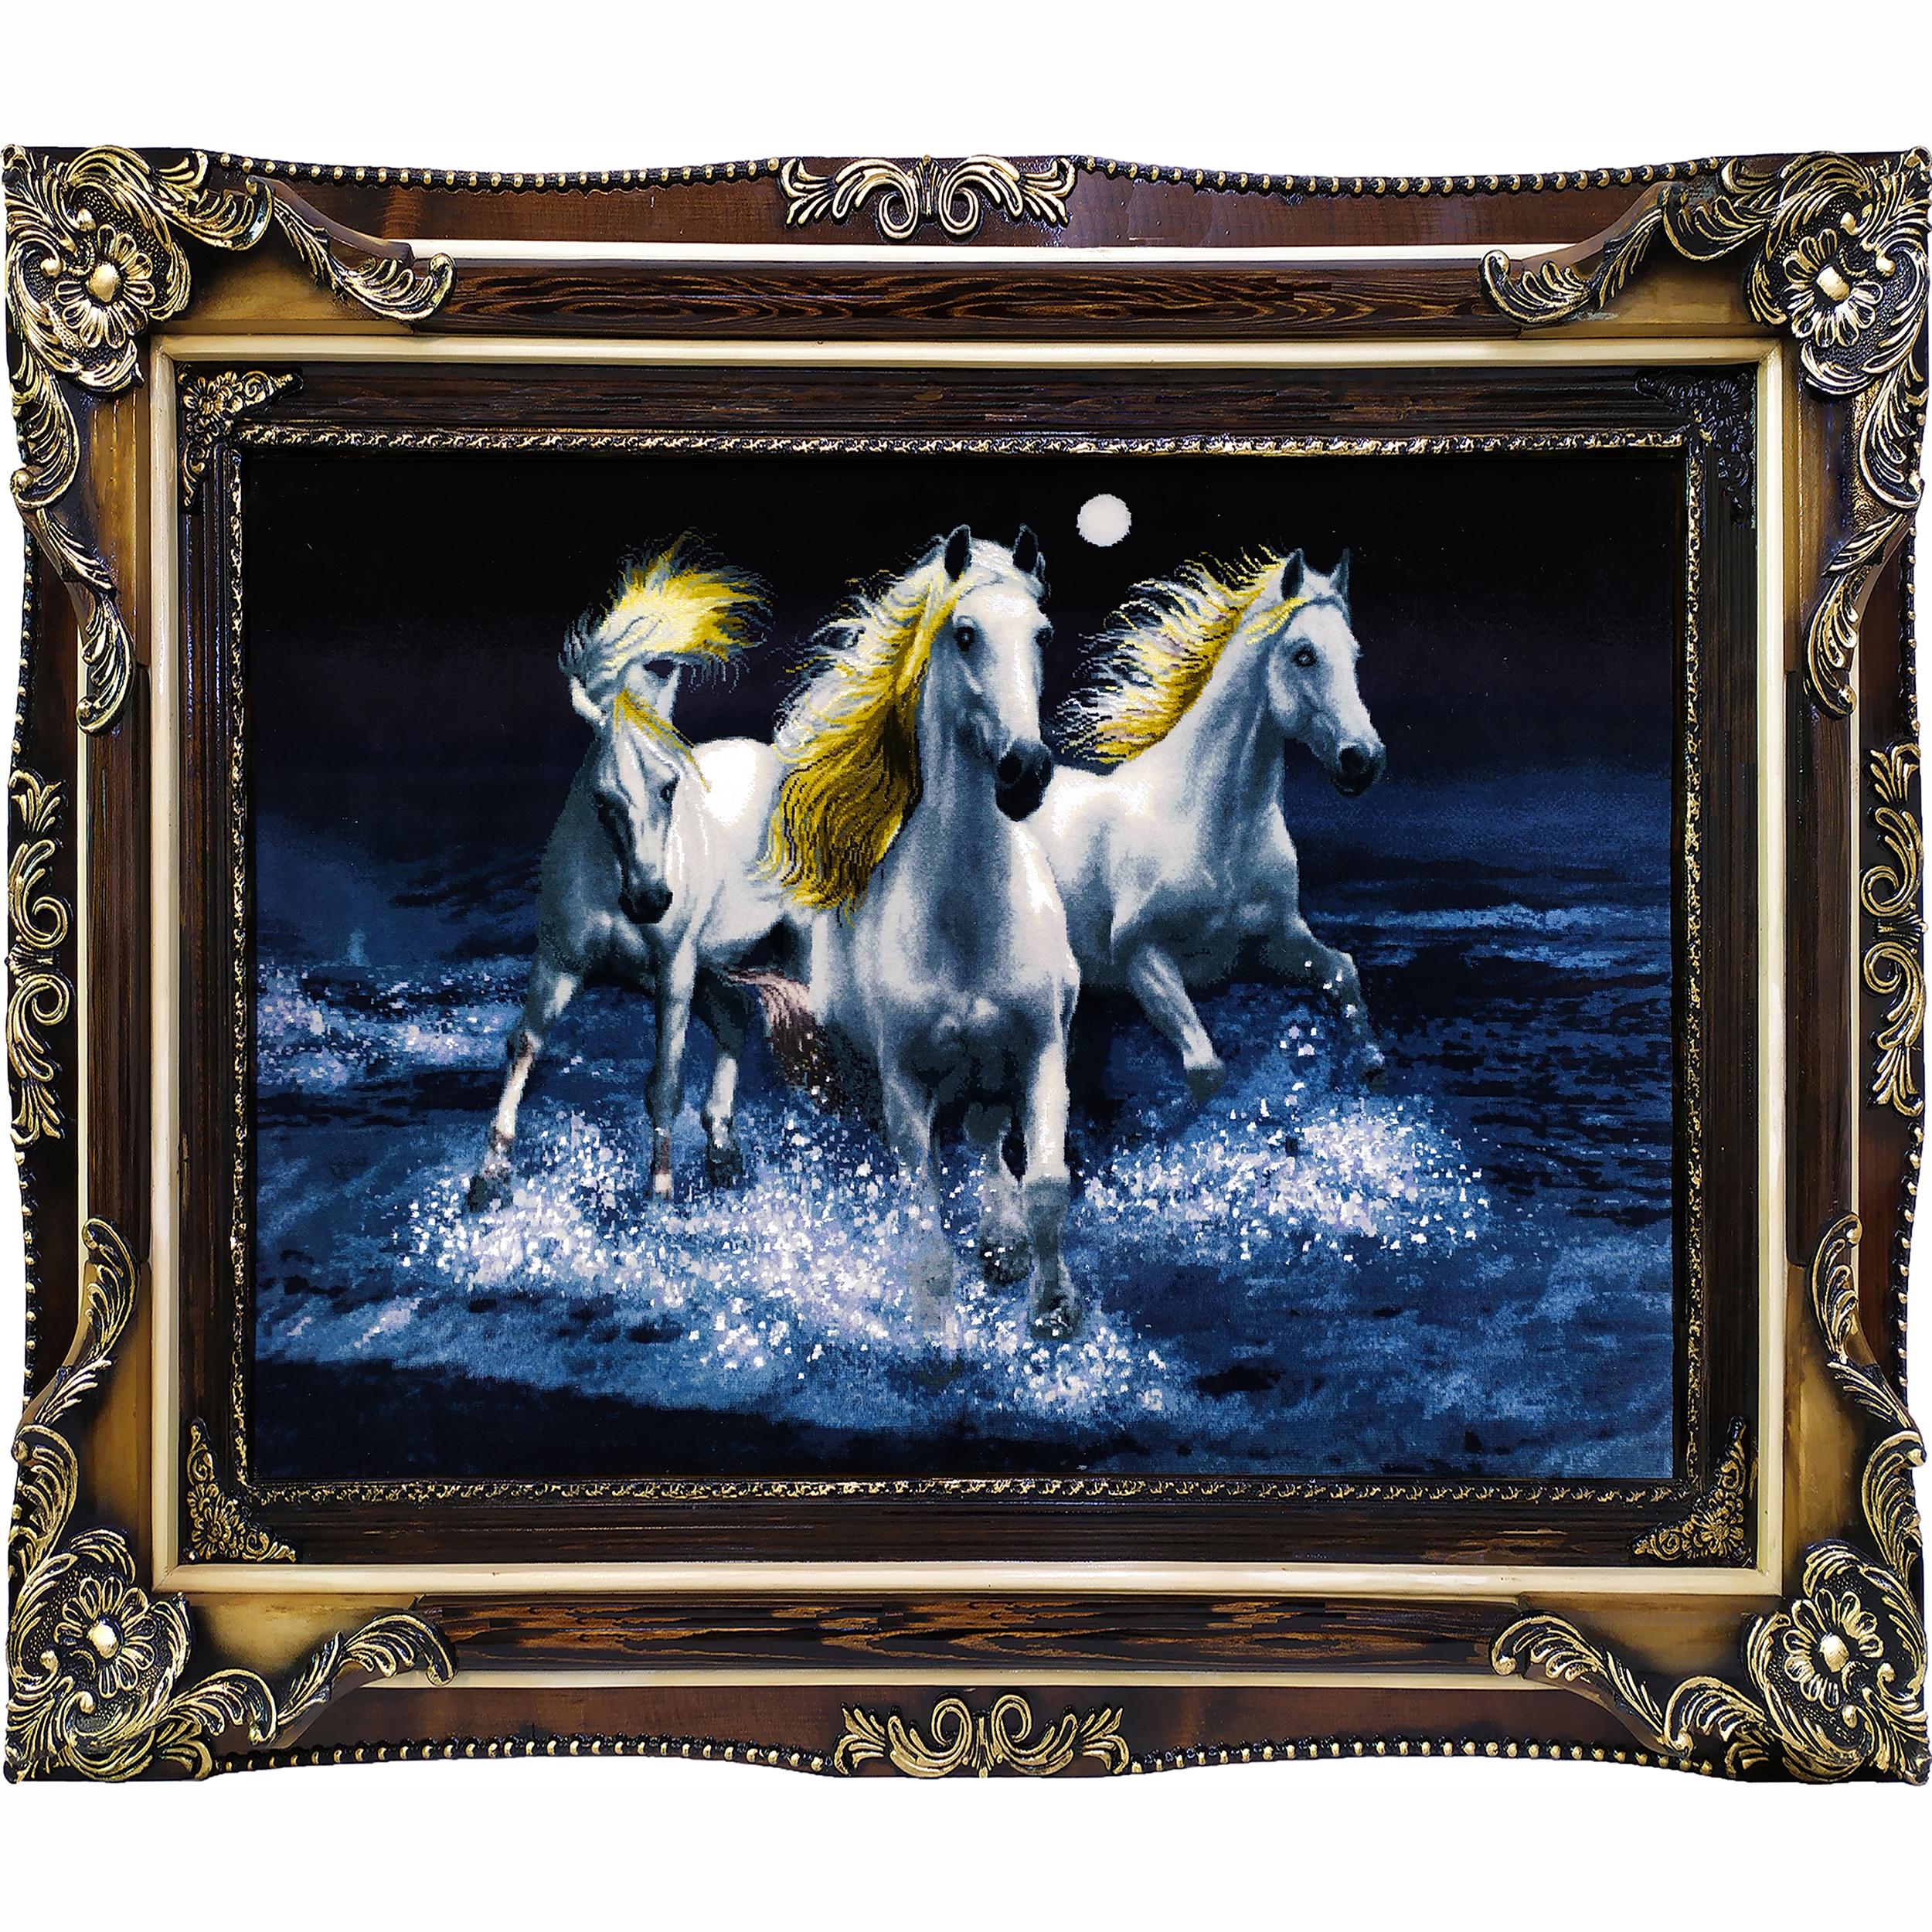 تابلو فرش دستبافت طرح گله اسب کد 1341